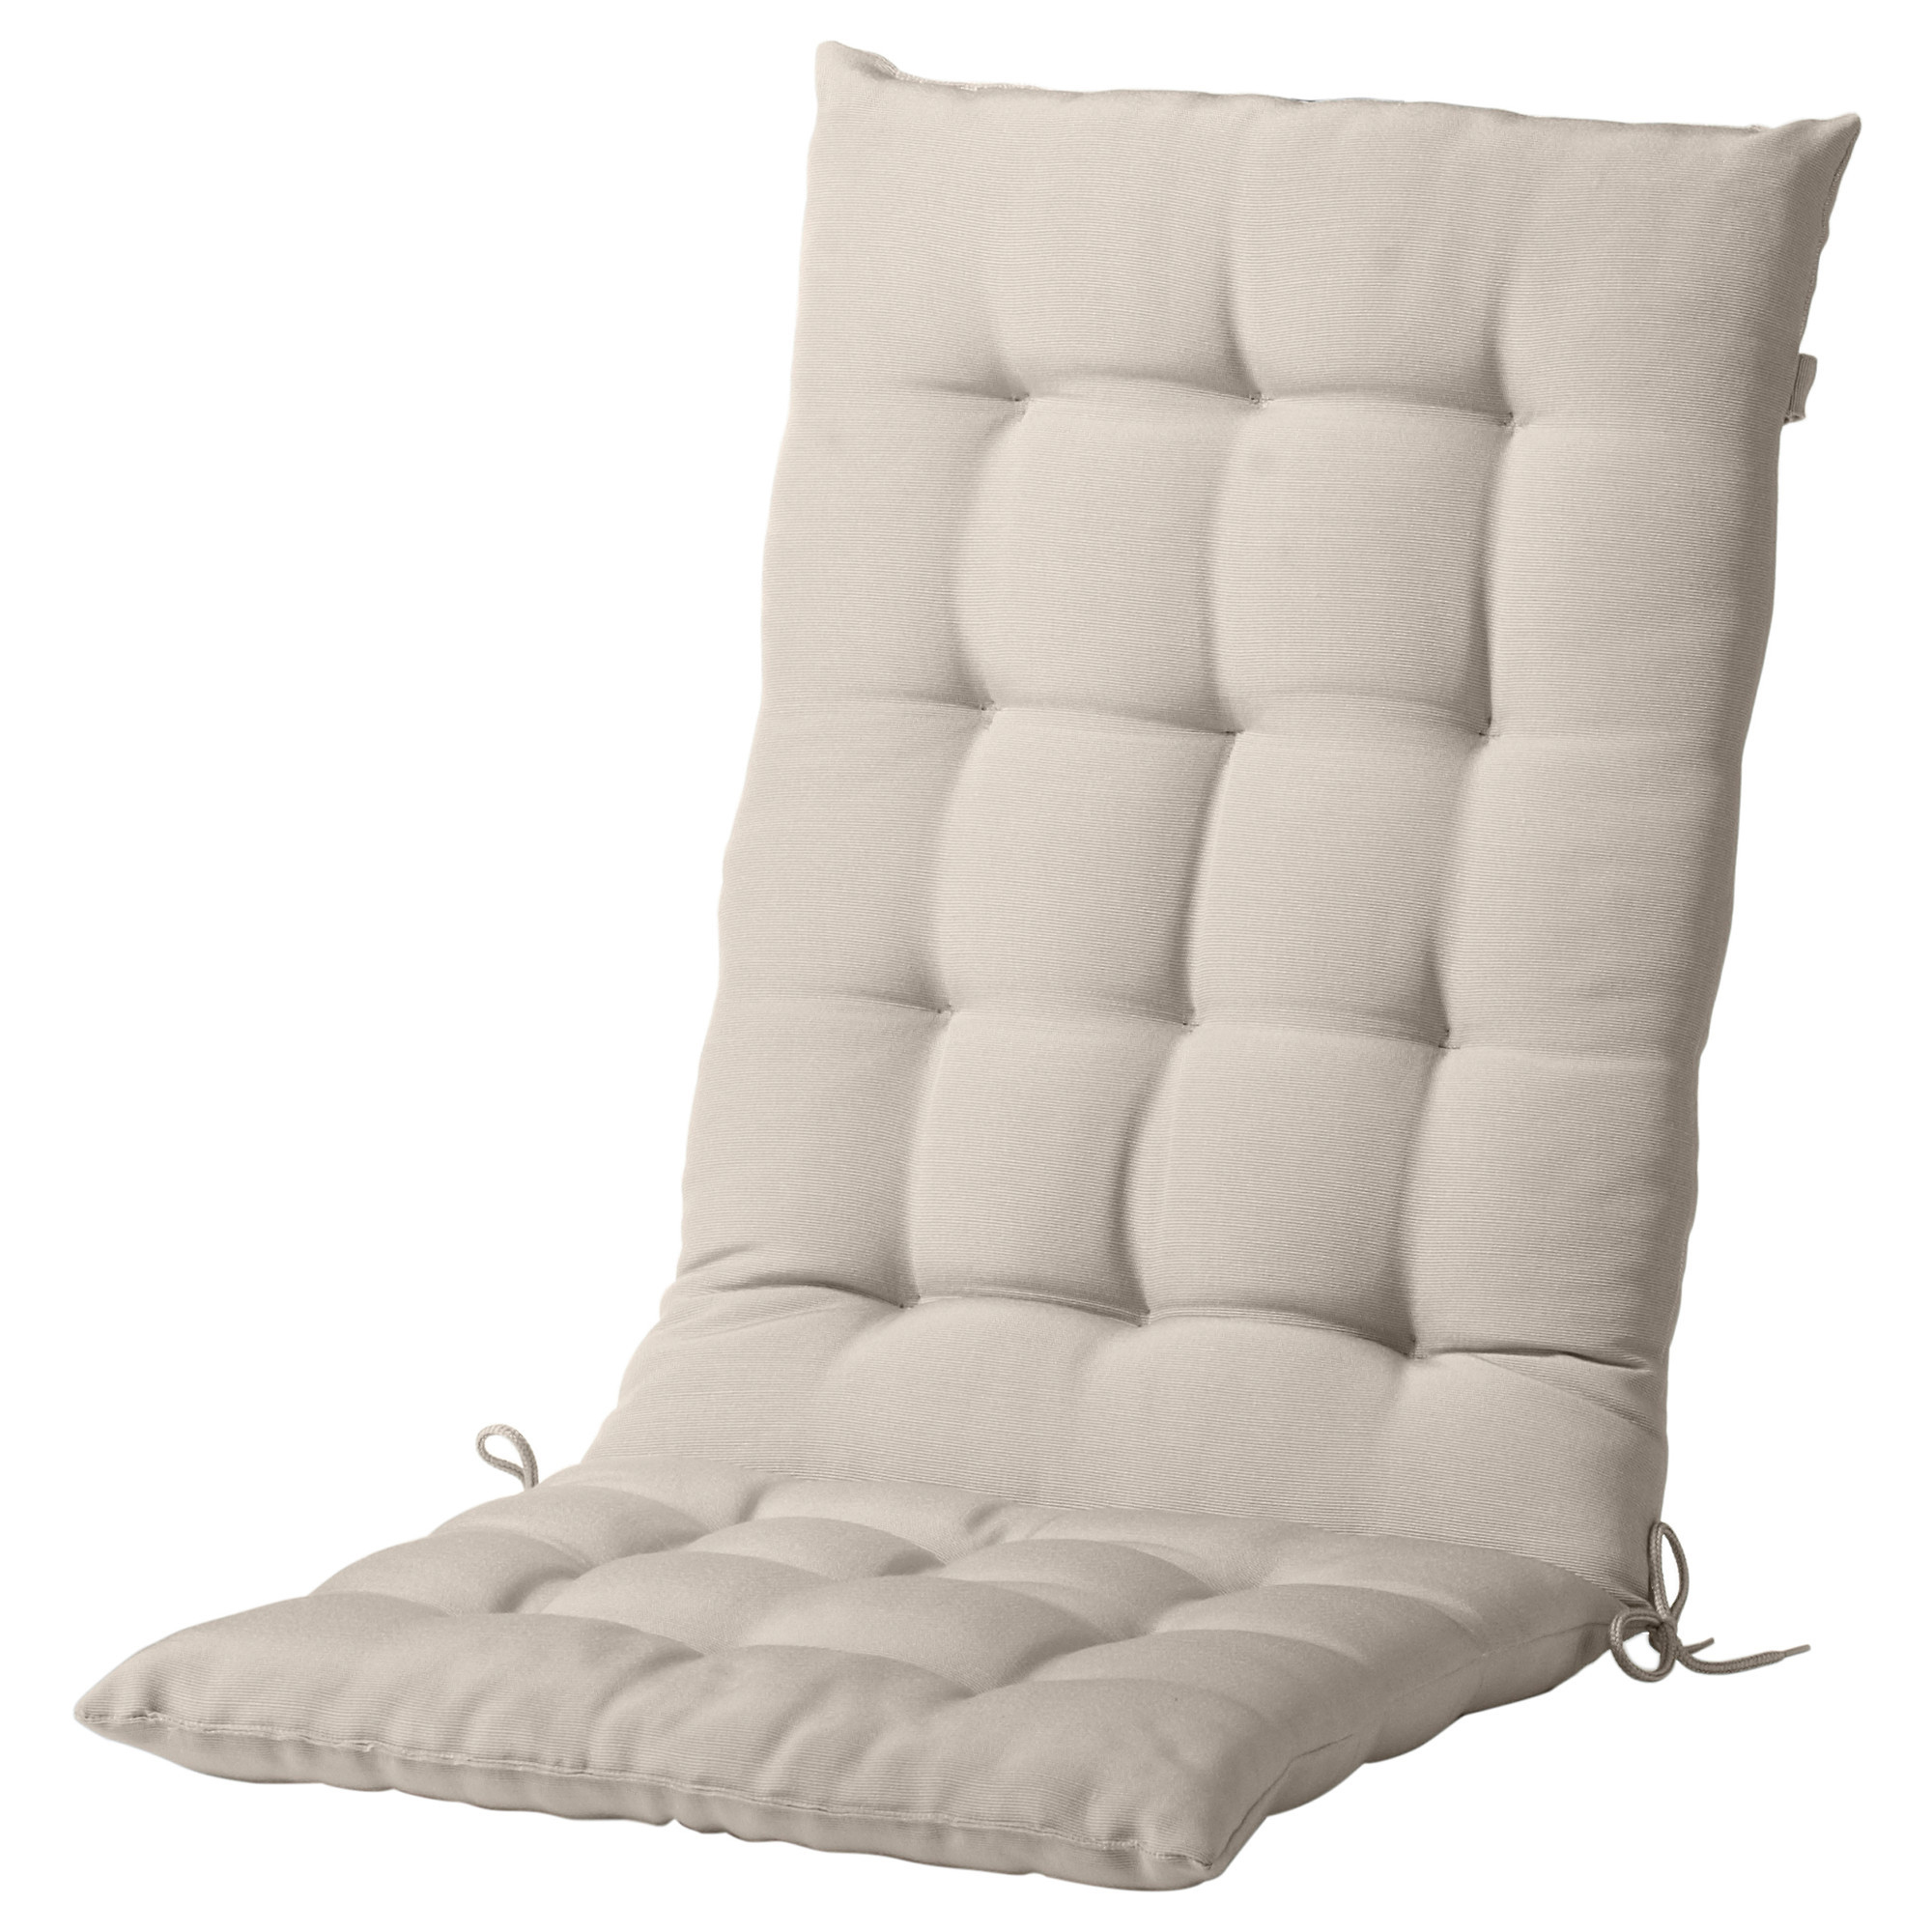 Rocking Chair Exterieur Ikea Nouveau Photos Chaise D Extérieur Skateway